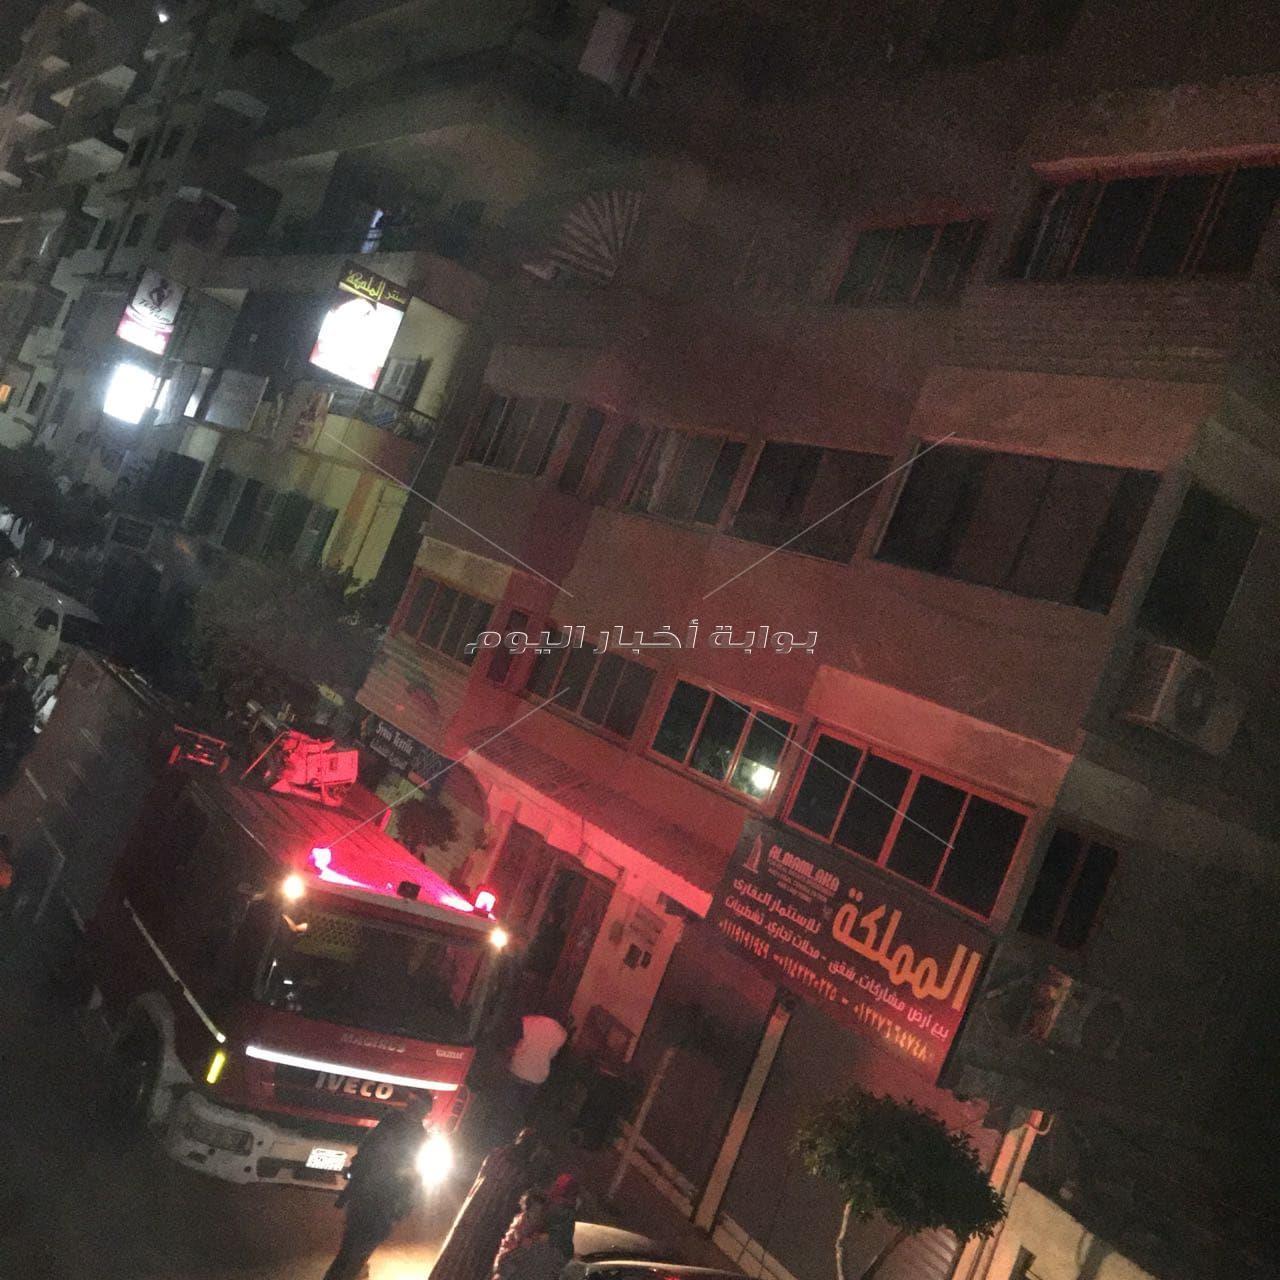 حريق بمخزن قماش بمنطقة جسر السويس